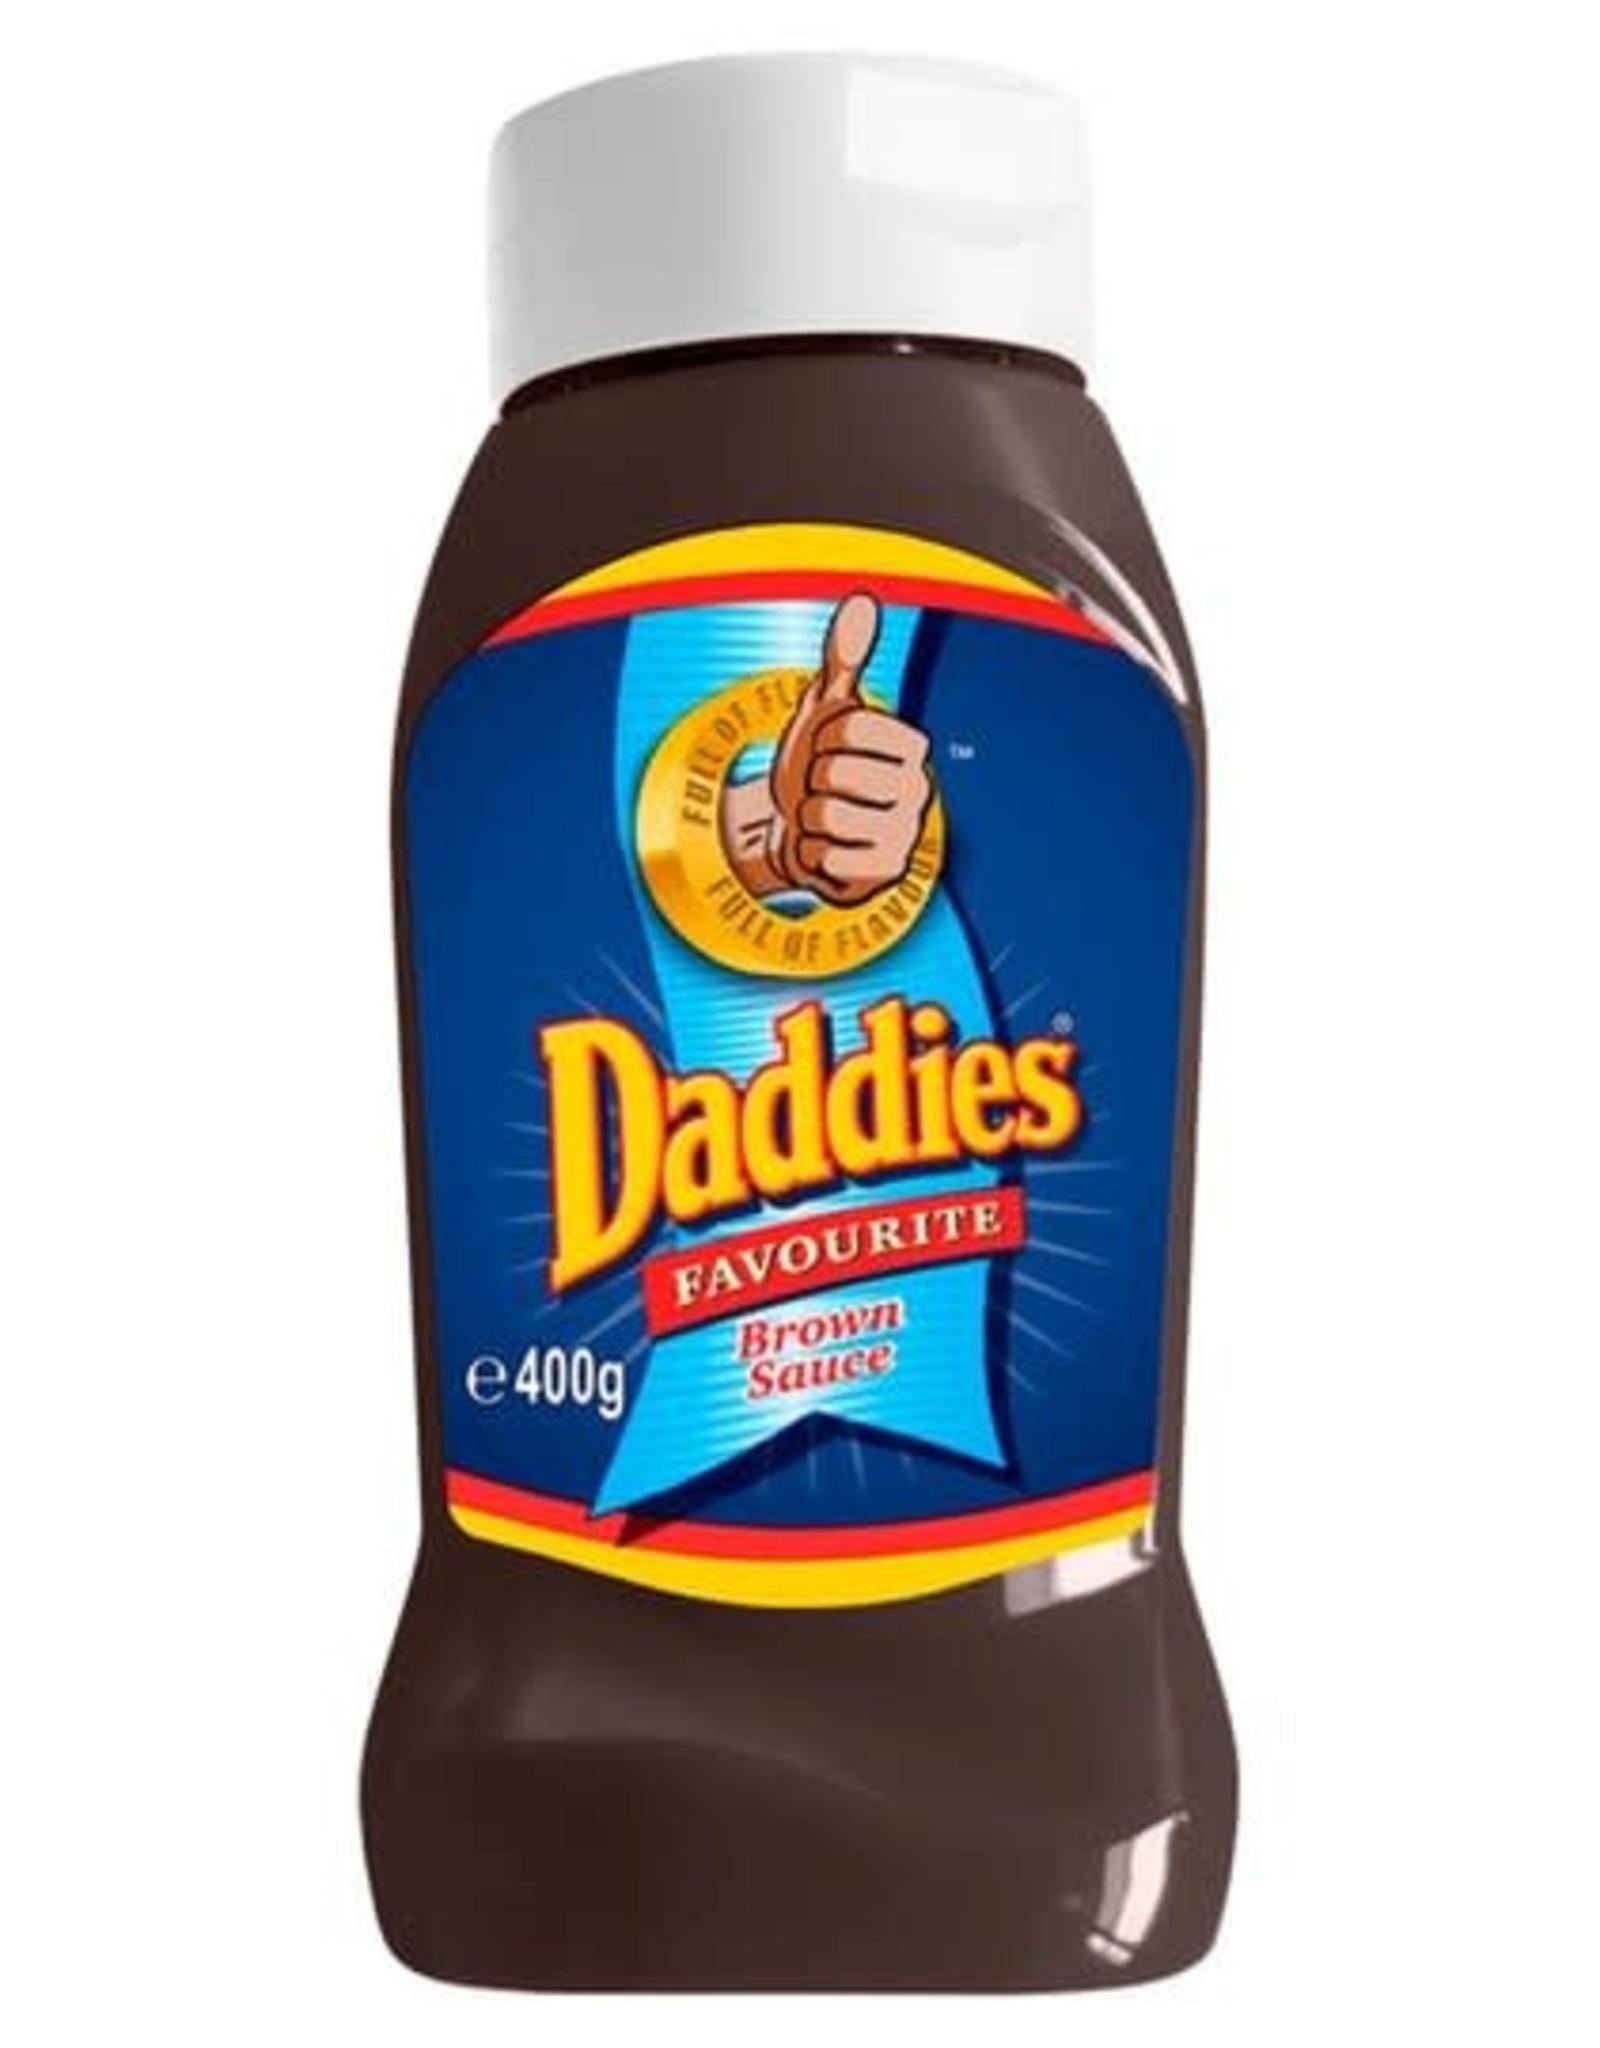 Daddies Daddies Brown Sauce 400g